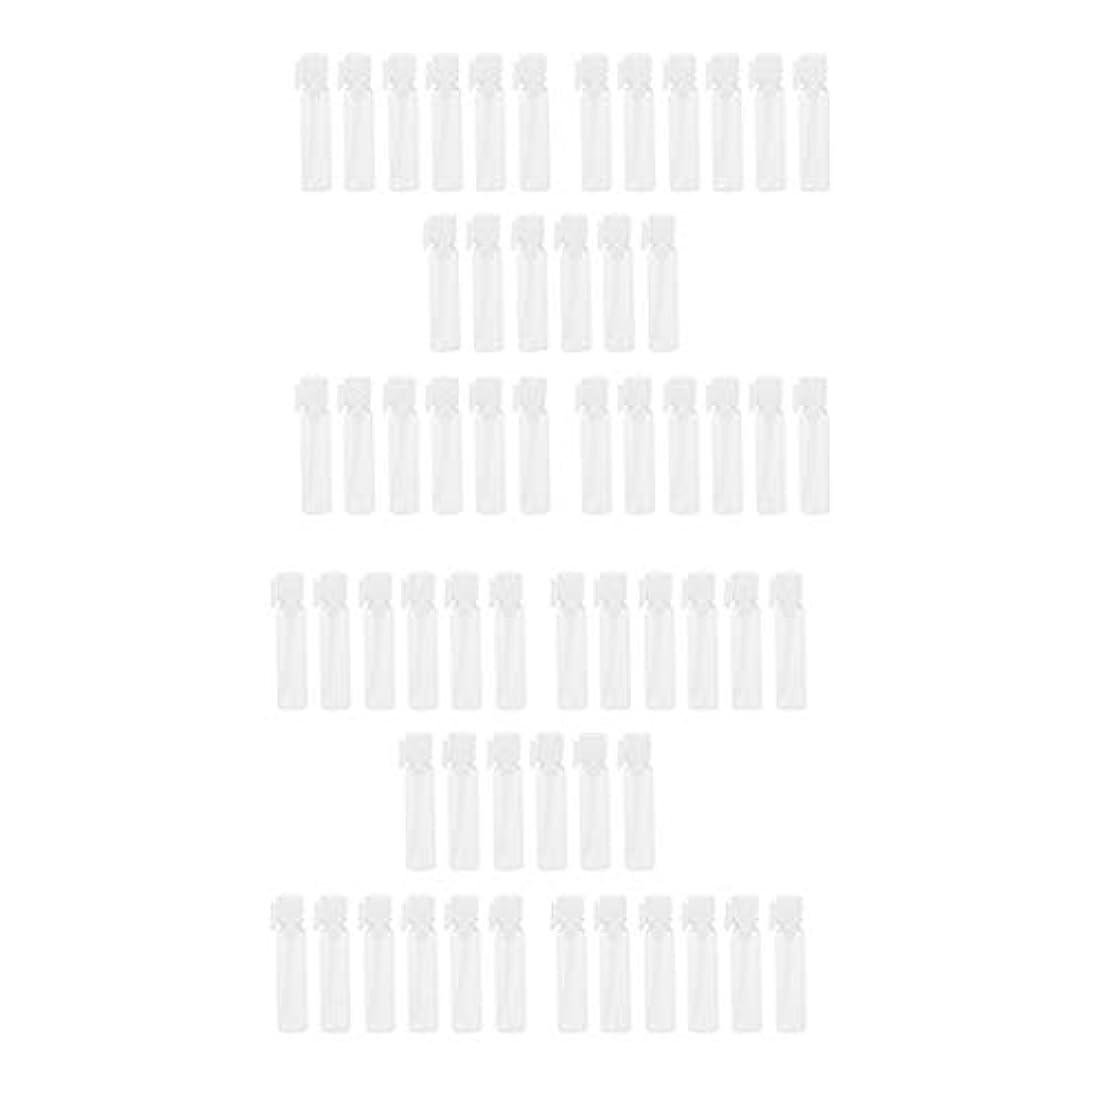 光の租界医師クリア 香水ボトル 空ボトル 香水瓶 ガラス瓶 詰め替え容器 1ml&2ml 約60個